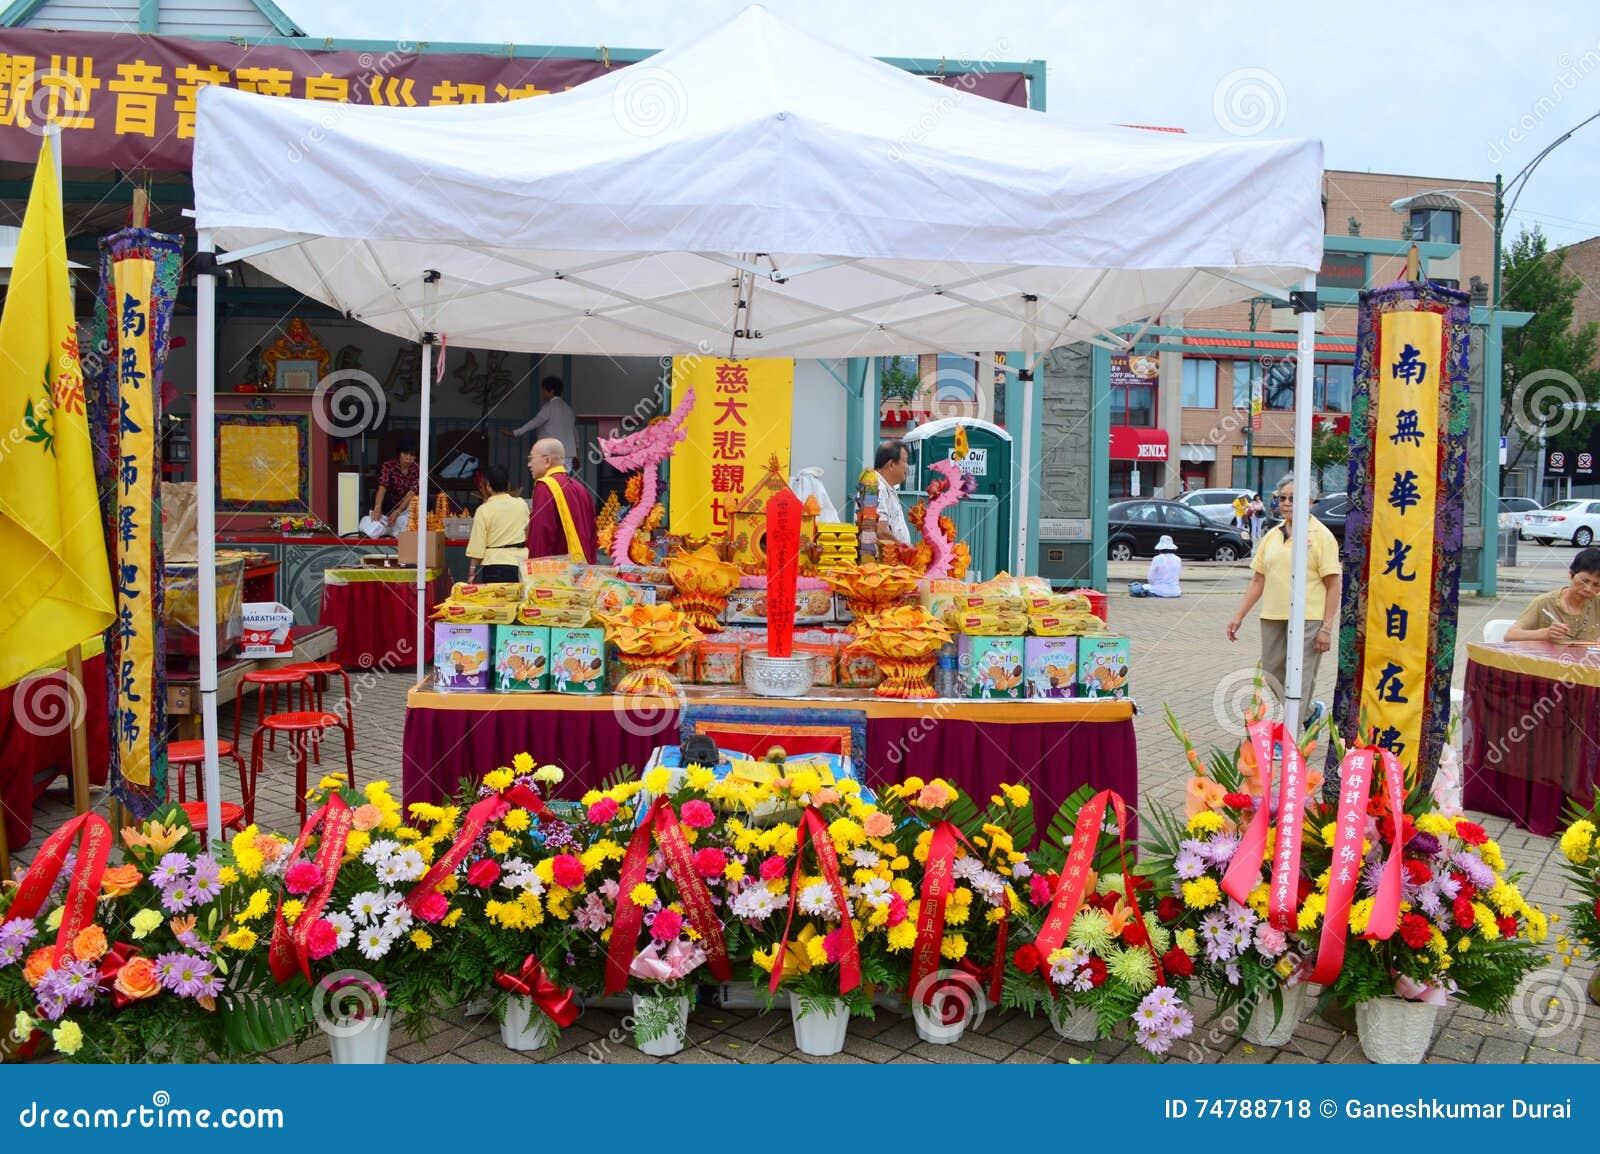 Chicago Chinatown Summer Fair